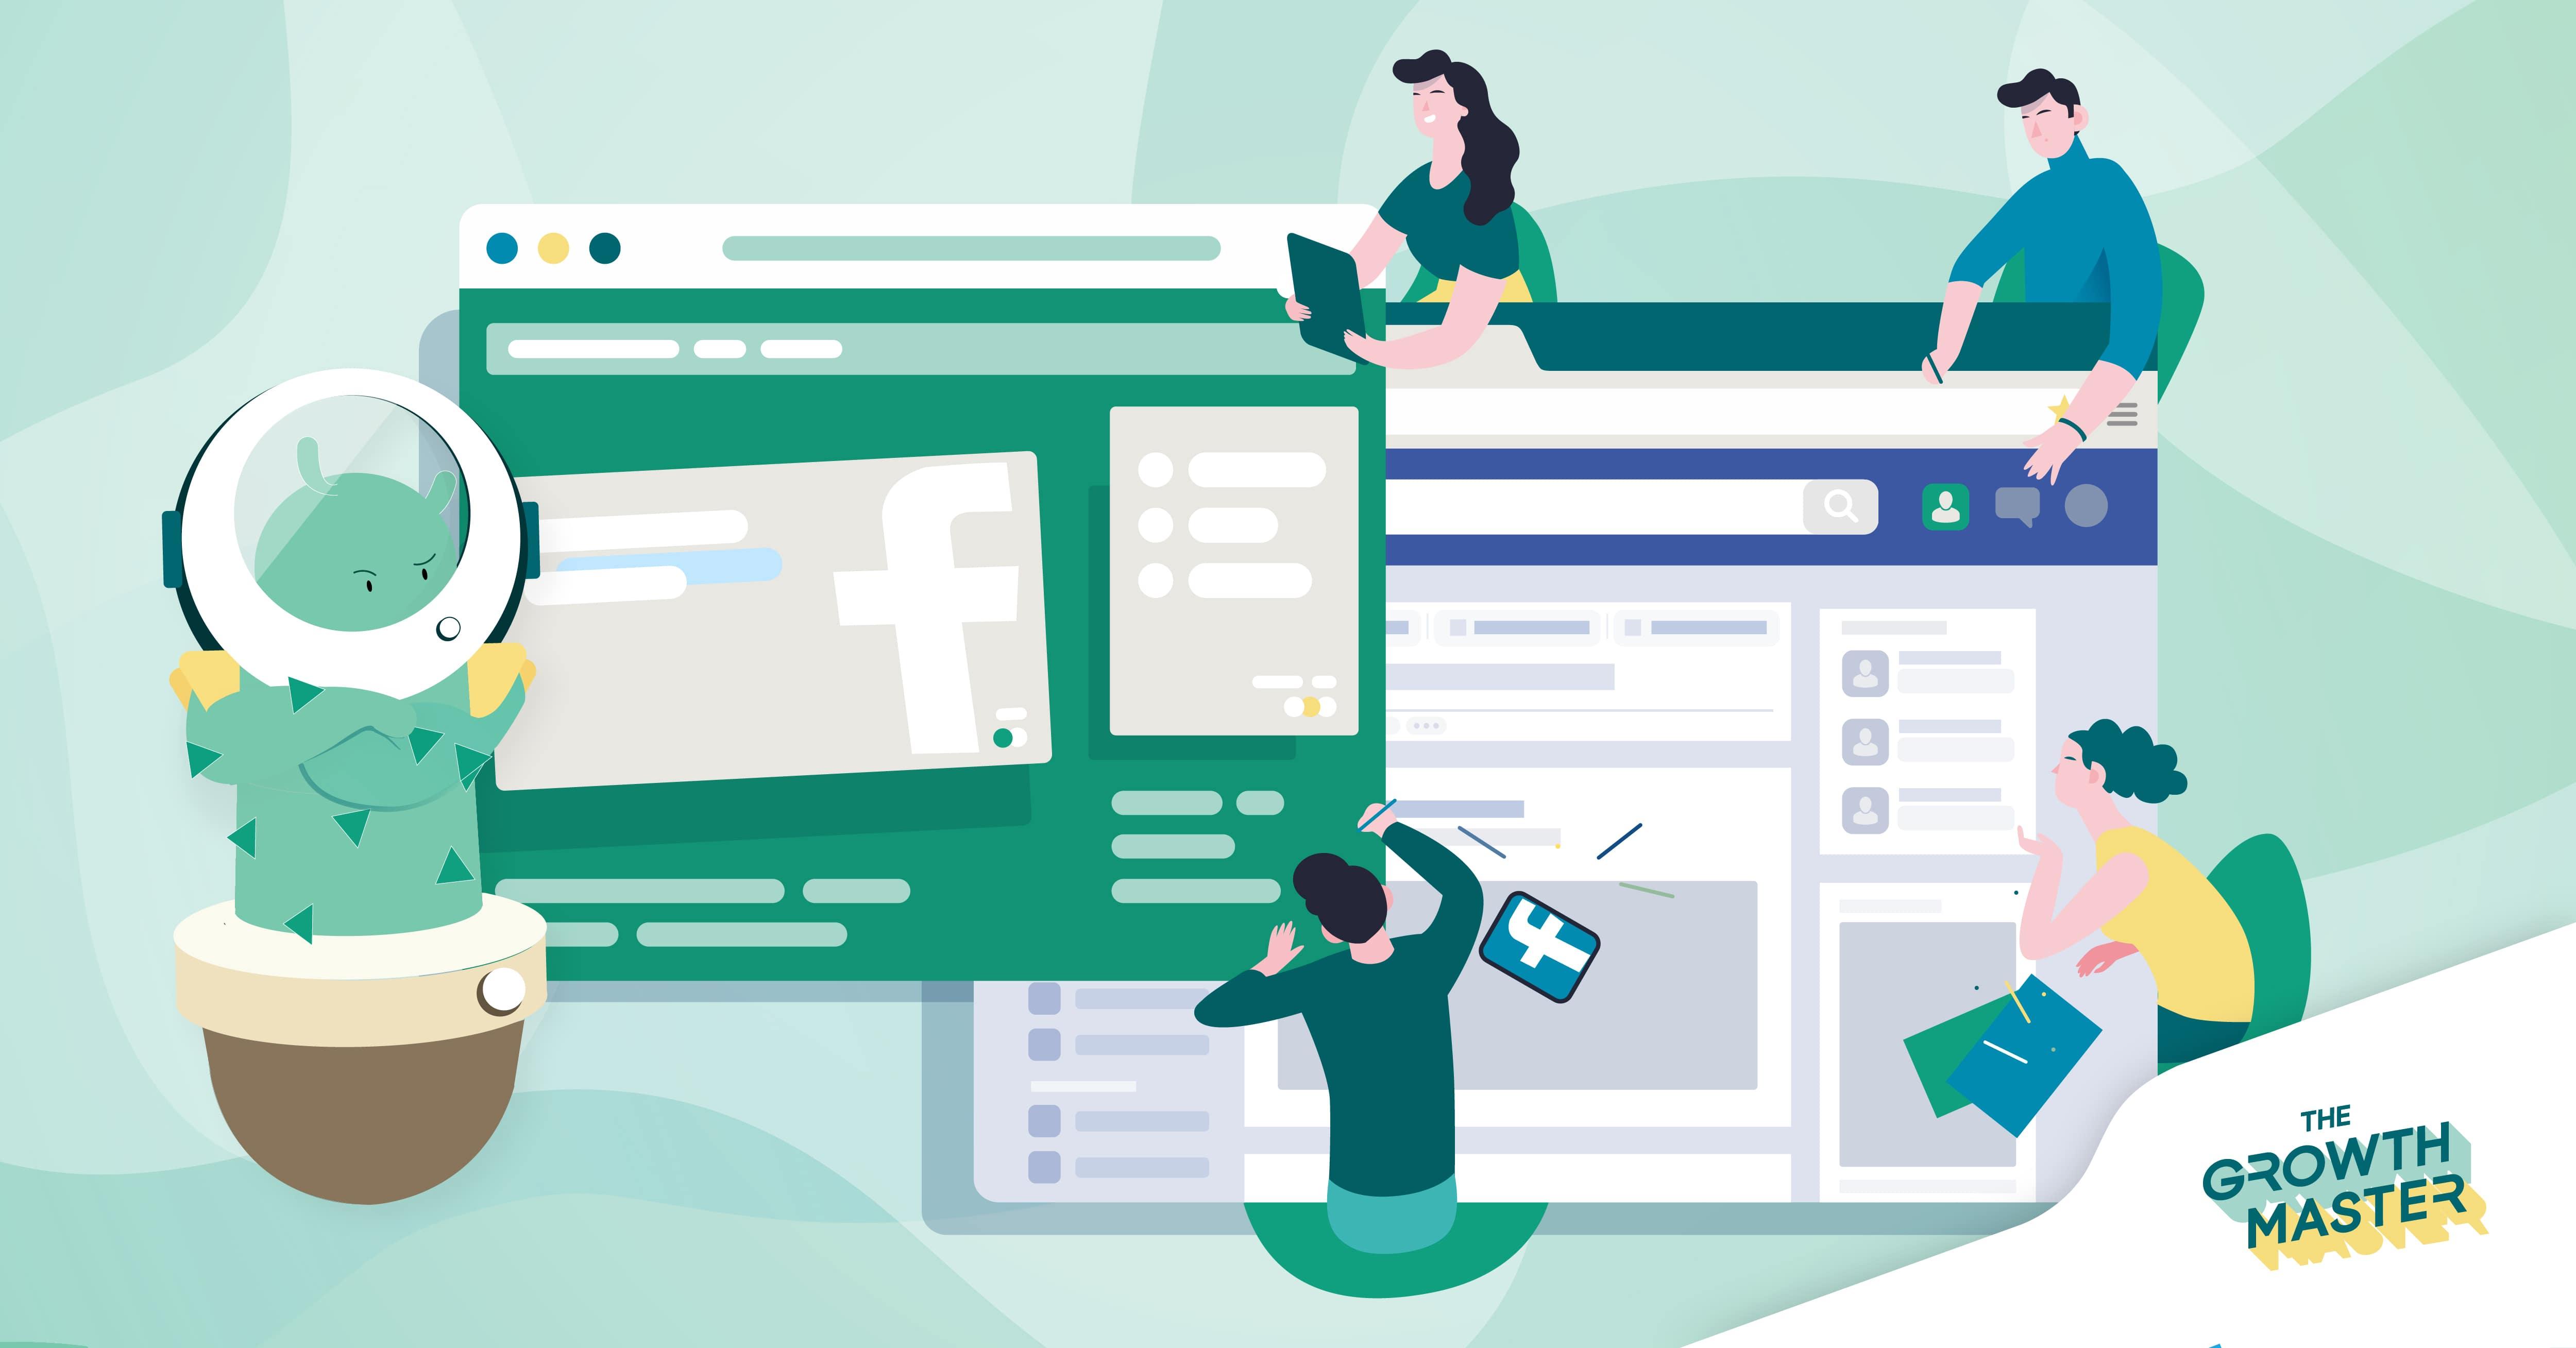 สร้าง Landing Page สำหรับ Facebook Ads Campaign อย่างไร ให้ธุรกิจได้ Leads เพิ่มขึ้น